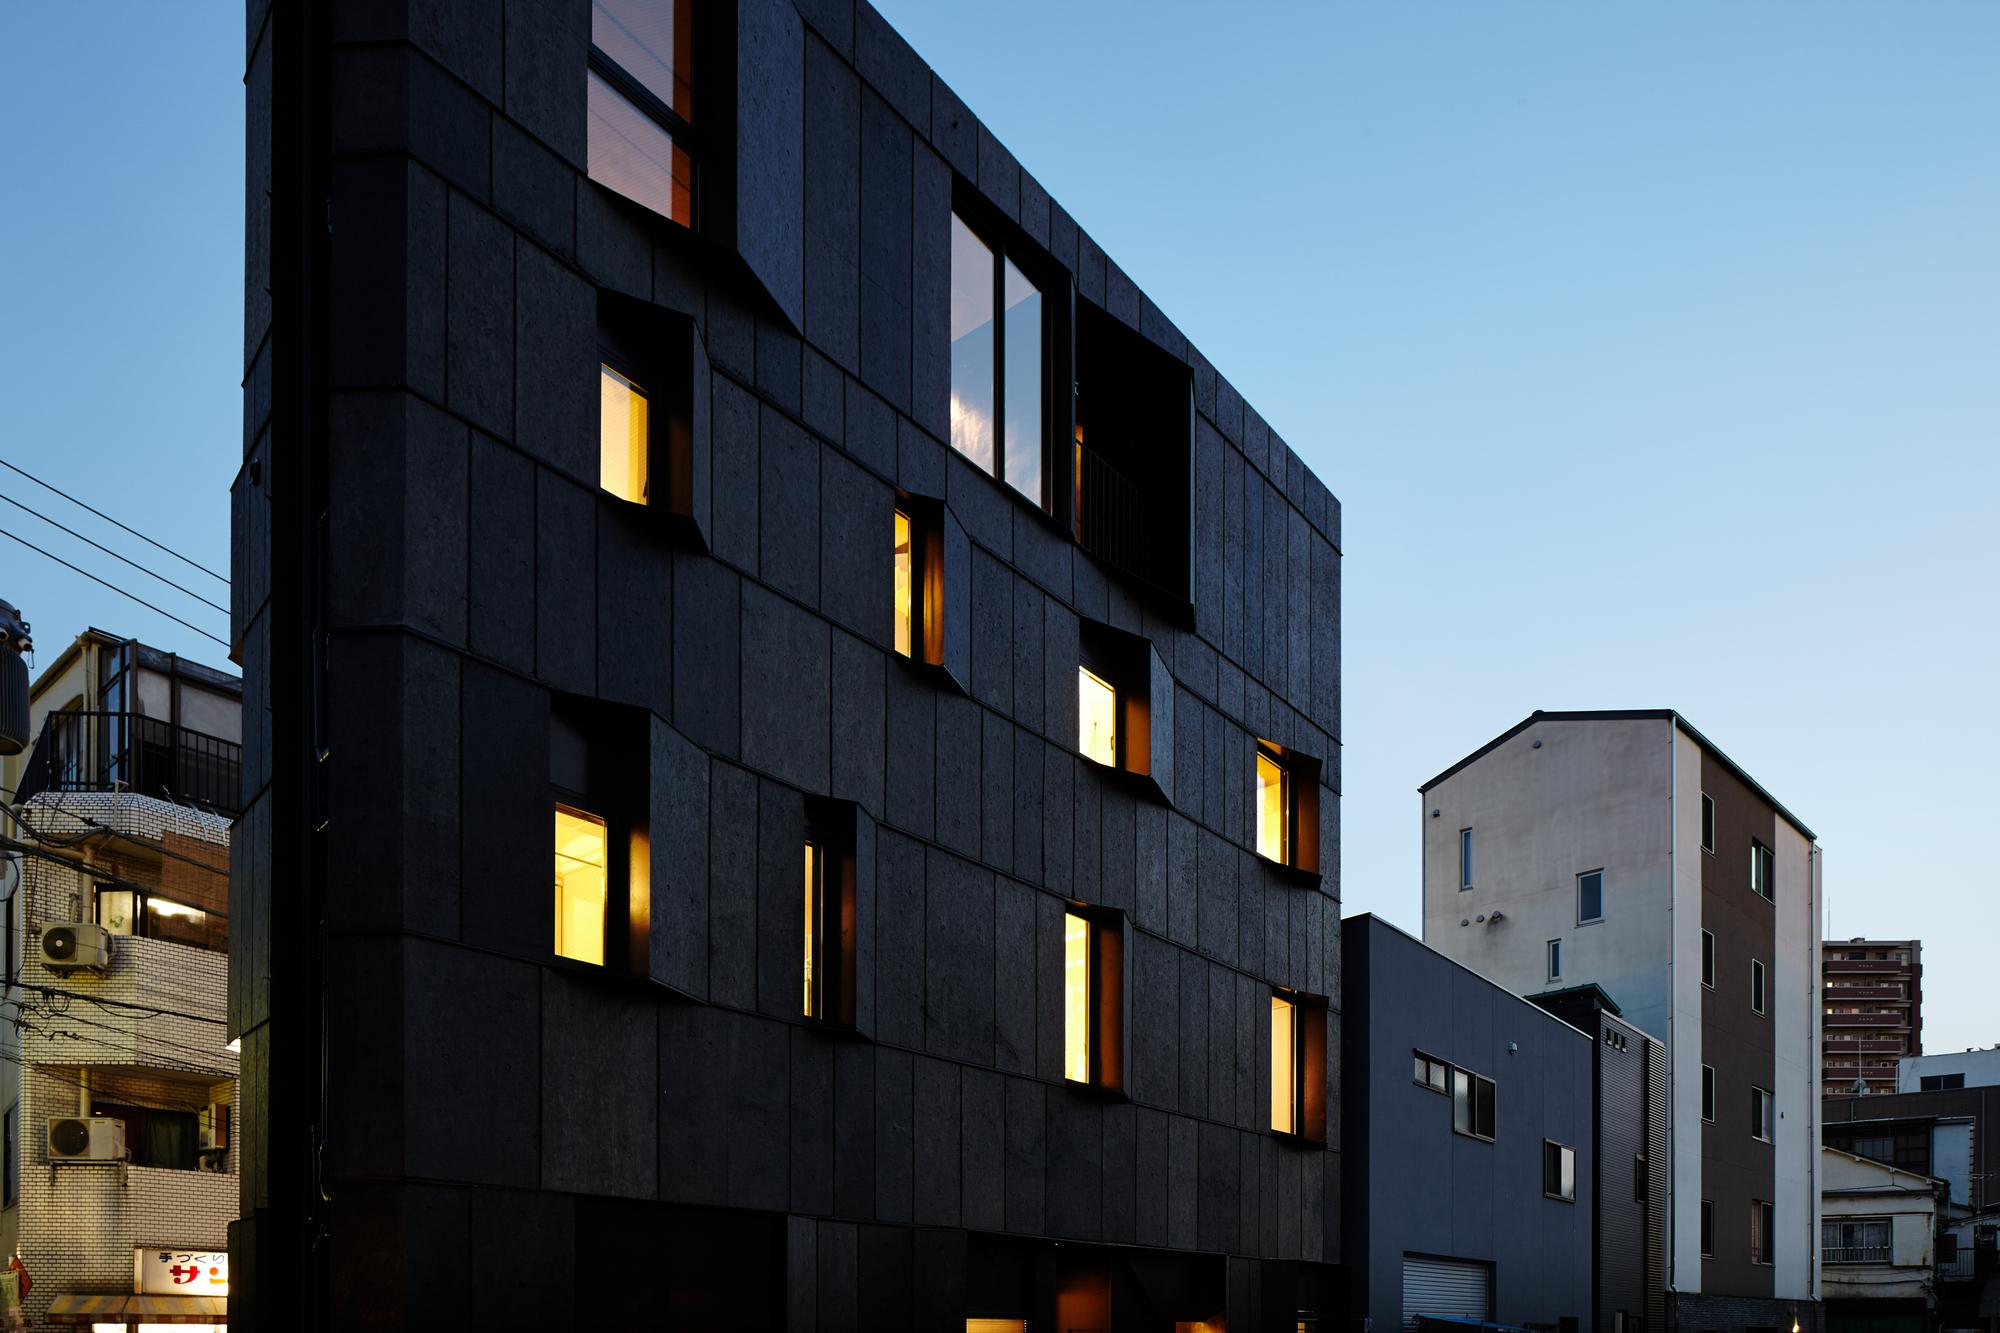 546d5367e58ece3d87000074_kuro-building-kino-architects_hikb_145